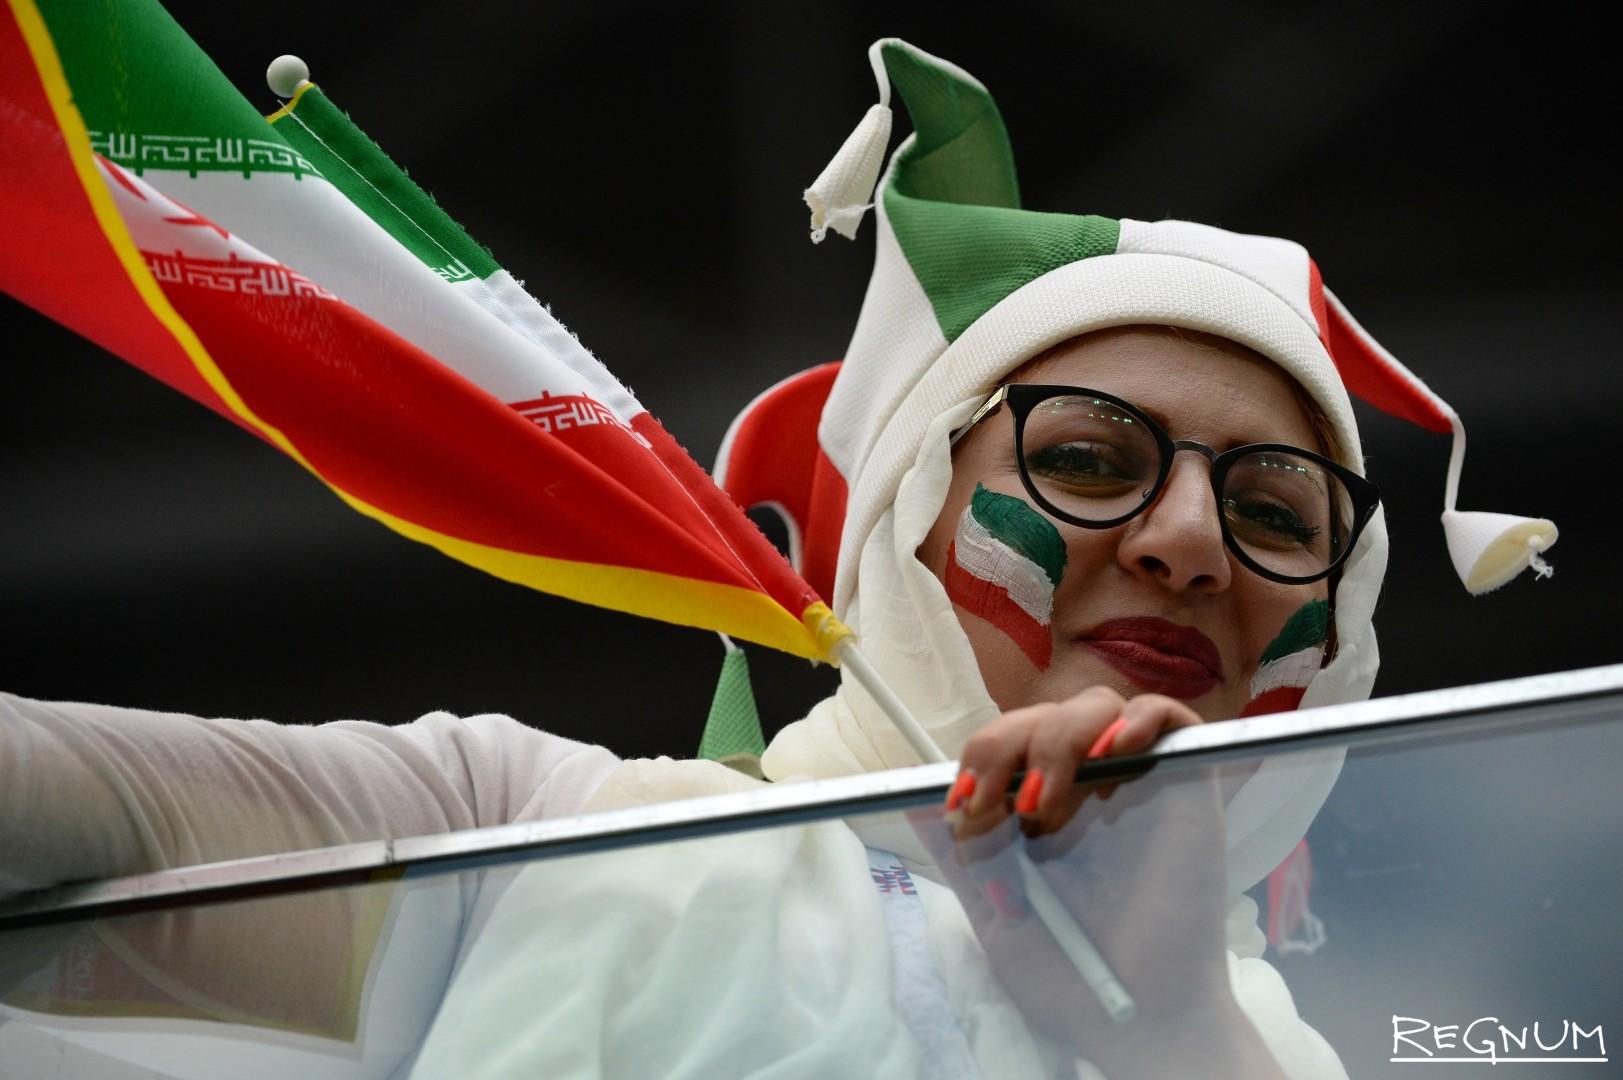 Чемпионат мира по футболу — 2018. Болельщики сборной Ирана во время  матча группового этапа чемпионата мира по футболу — 2018 между сборными командами Марокко и Иран